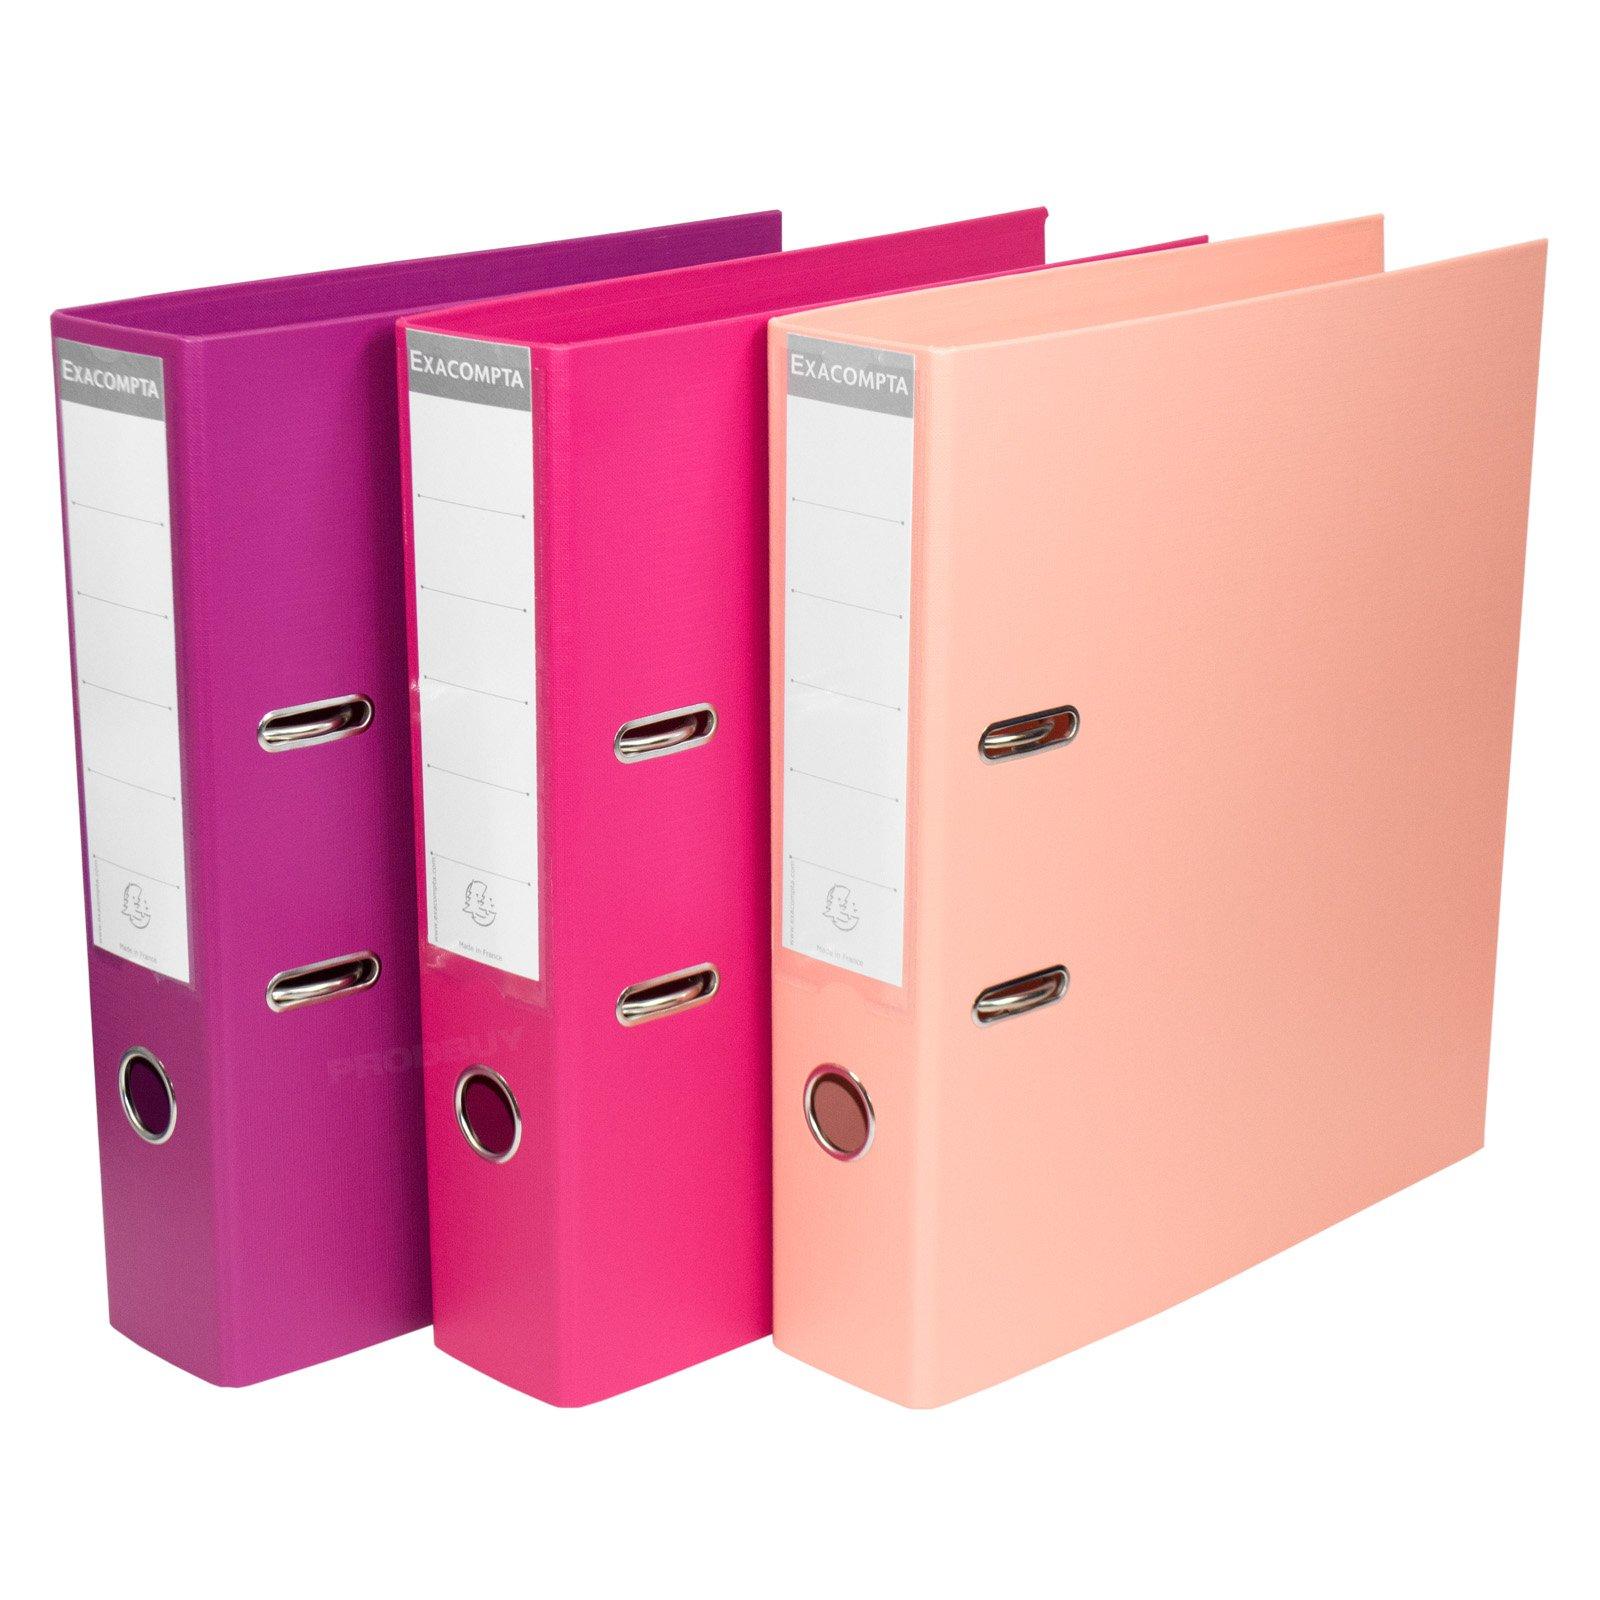 Archivador de palanca de 70 mm, tamaño A4, color rosa, para almacenamiento de documentos, 3 unidades: Amazon.es: Oficina y papelería